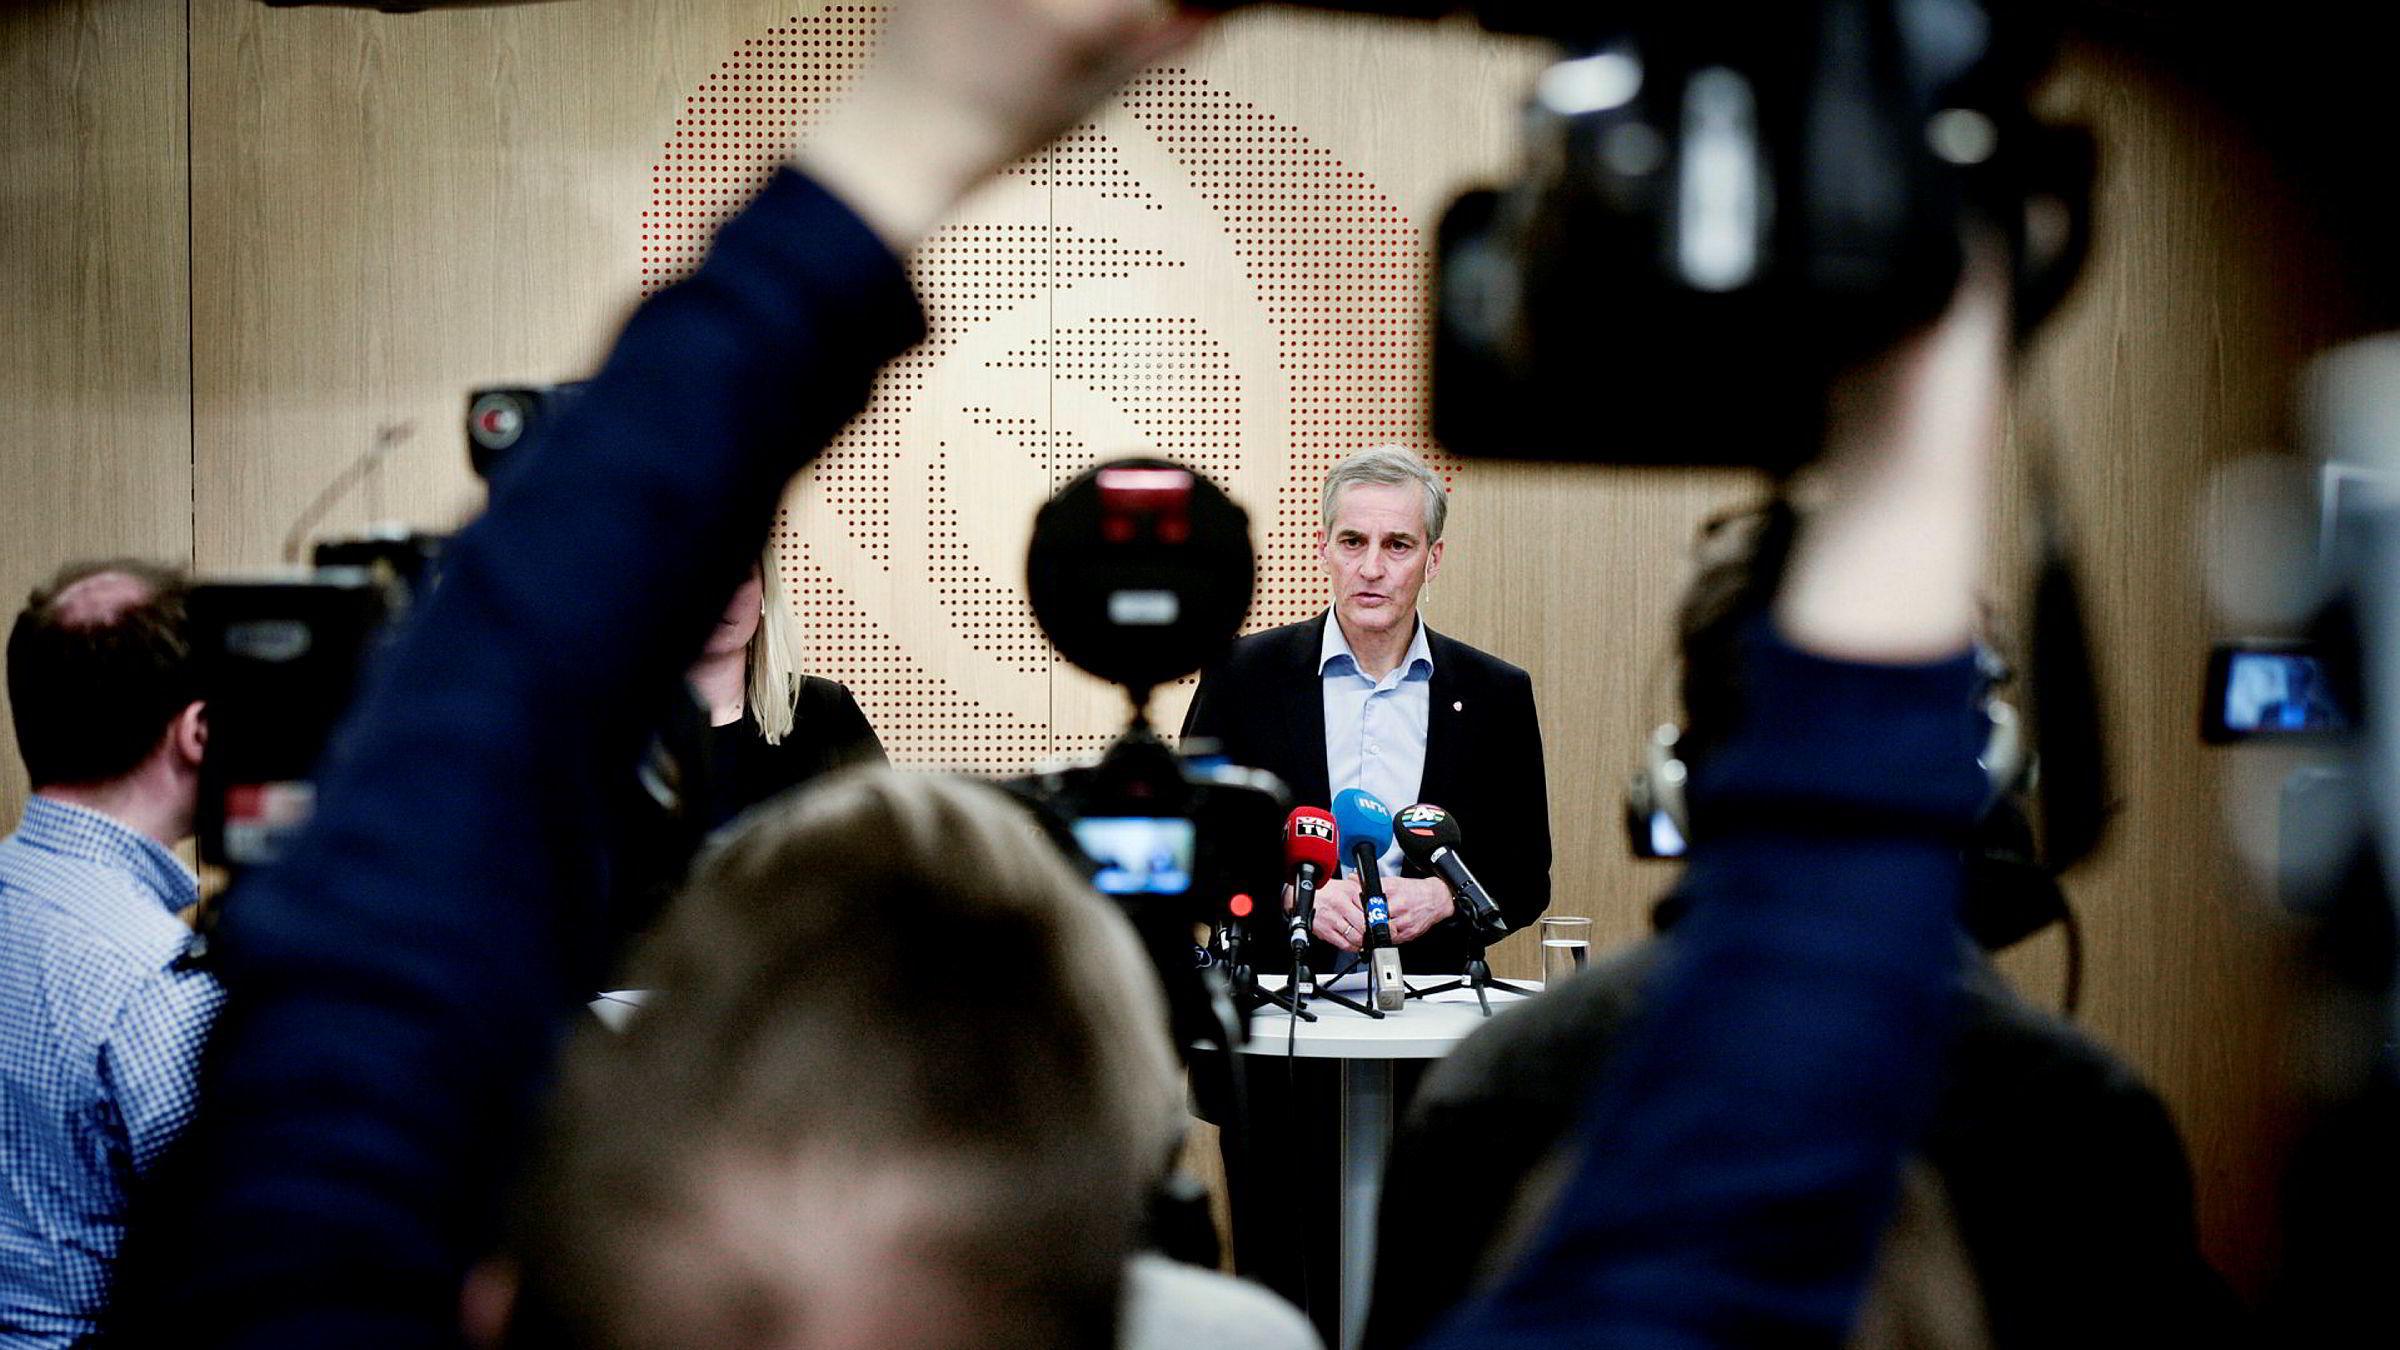 Arbeiderpartileder Jonas Gahr Støre og partisekretær Kjersti Stenseng på pressekonferanse etter sentralstyremøte i Arbeiderpartiet.